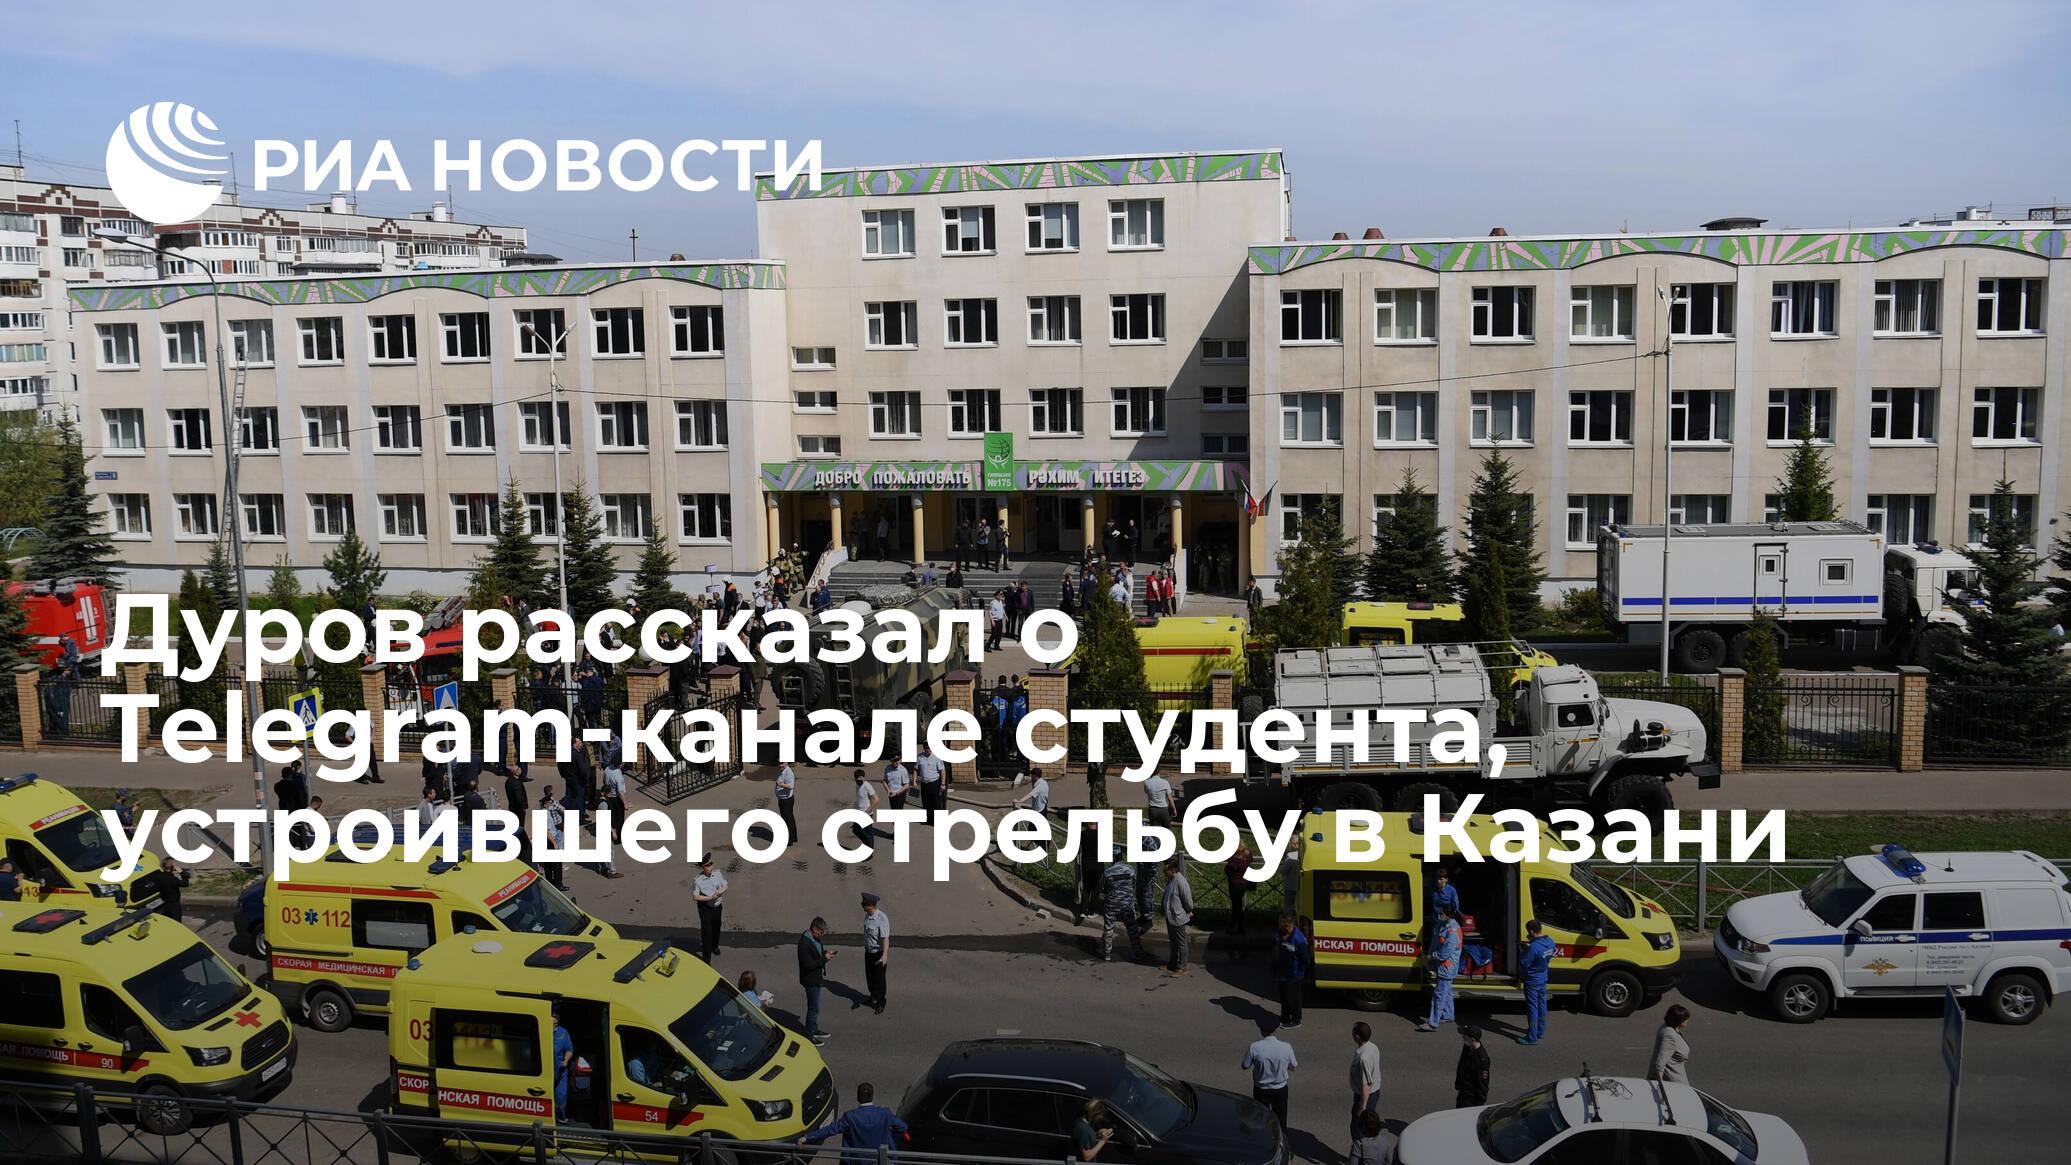 Дуров рассказал о Telegram-канале студента, устроившего стрельбу в Казани